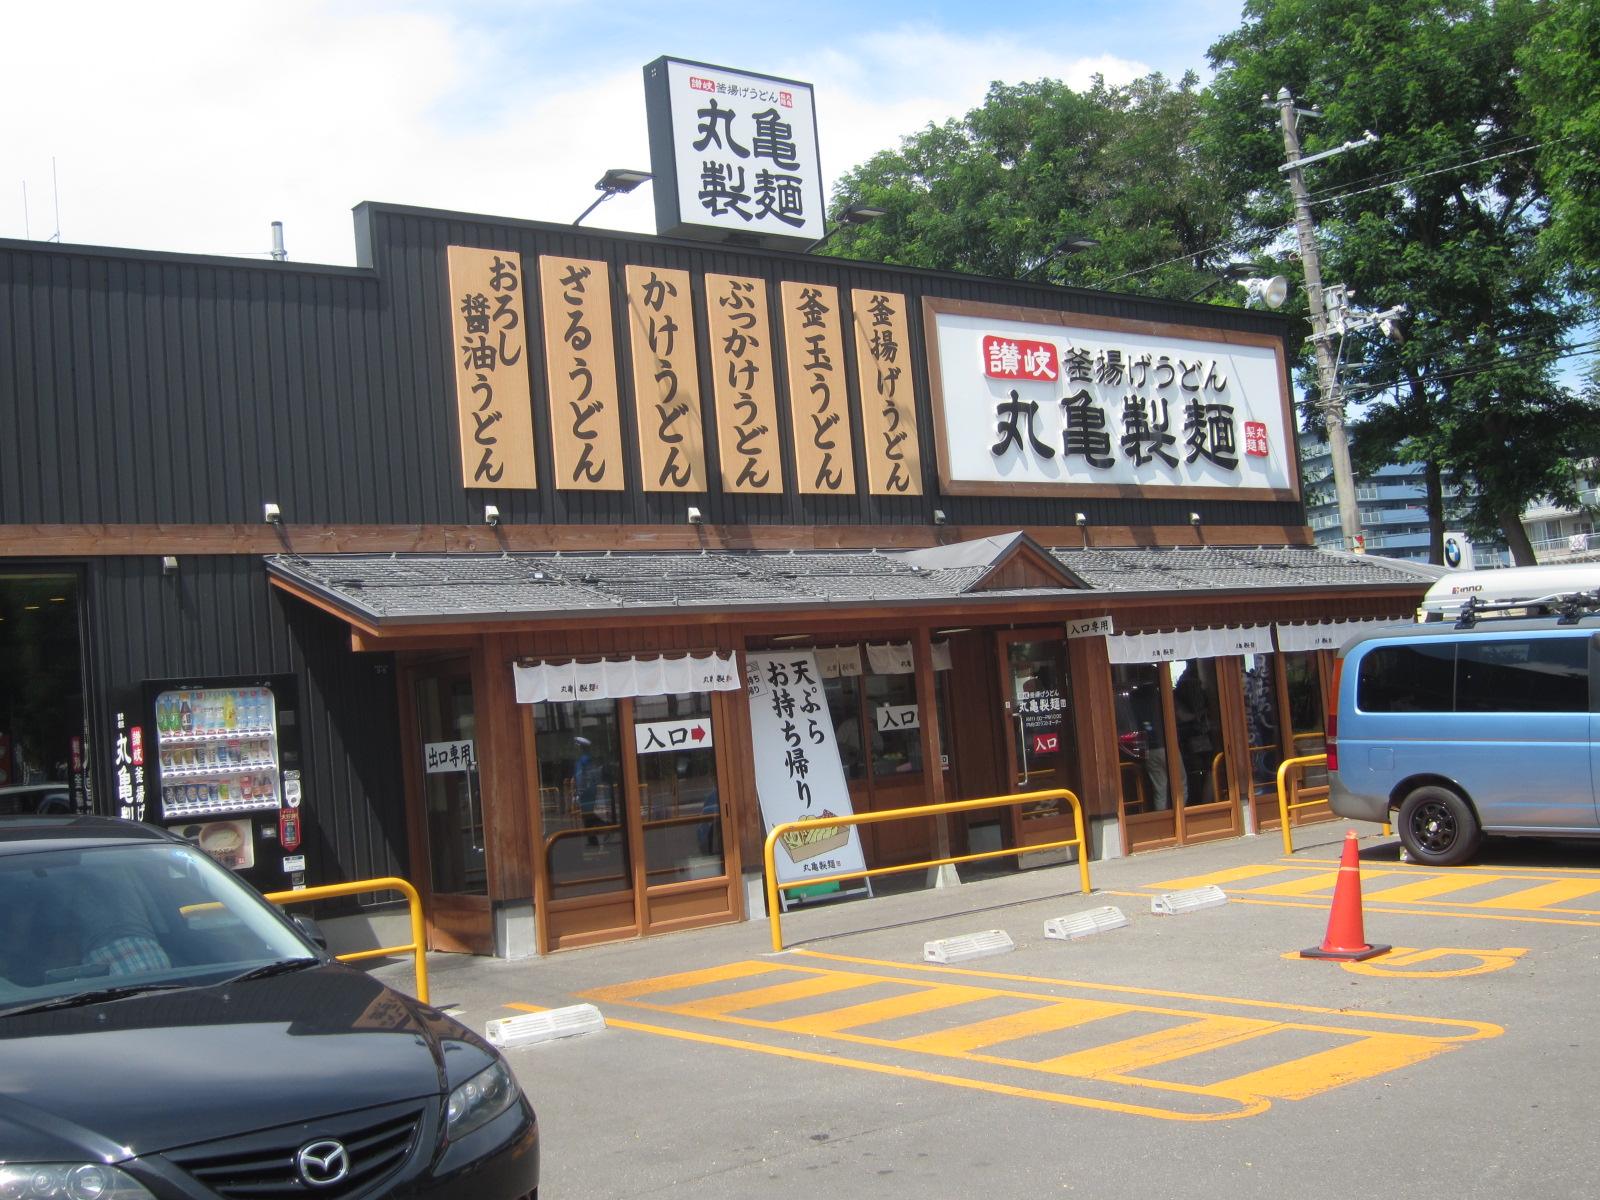 IMG 0001 - 札幌コストコホールセール / 札幌倉庫店